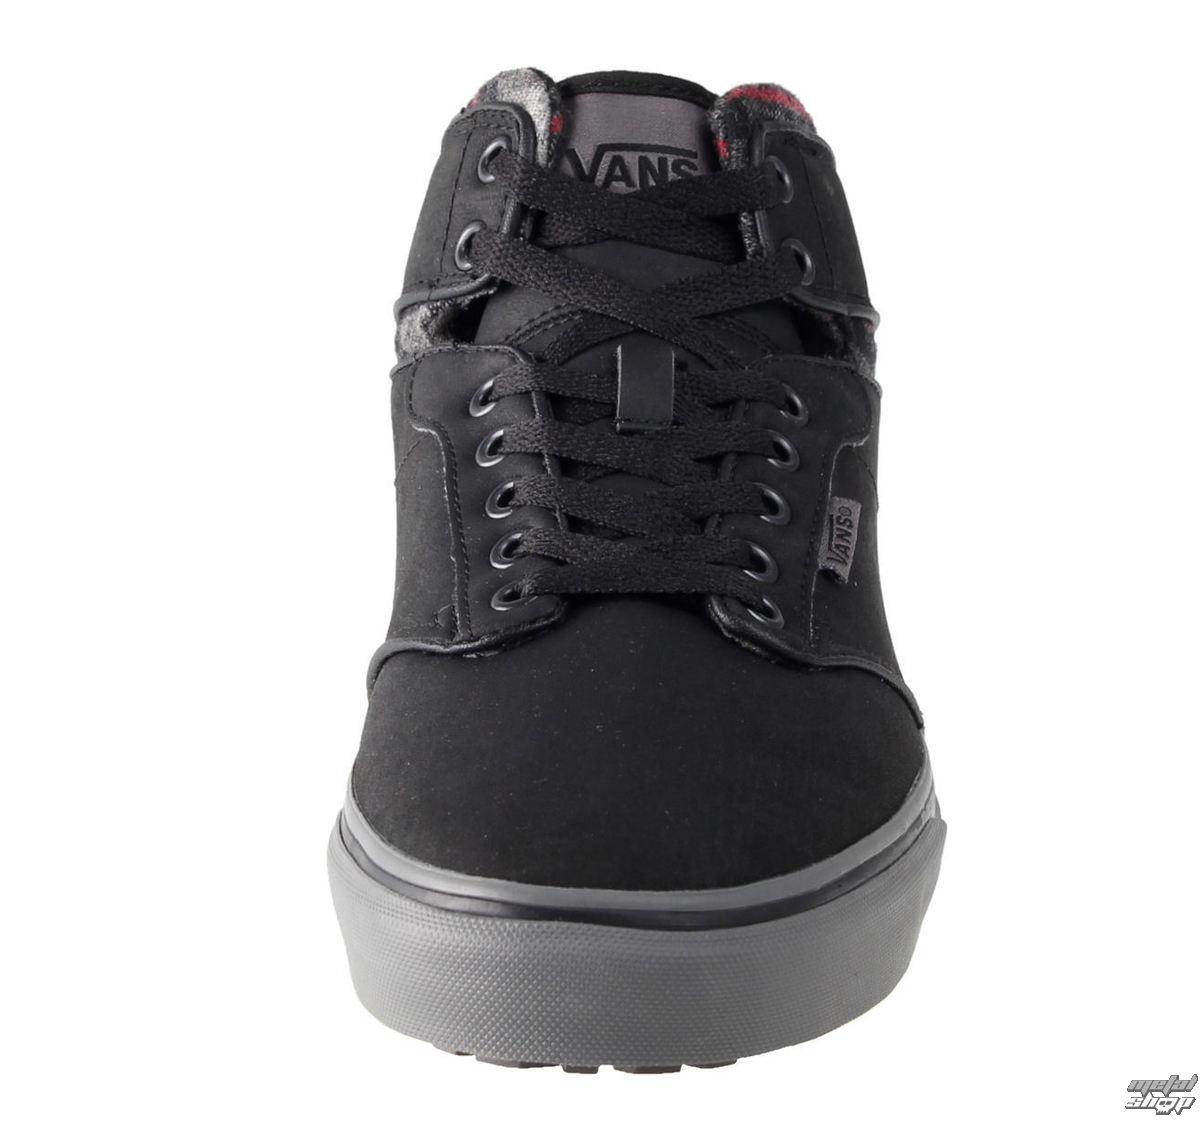 bc56fa7ebaae72 boots shoes VANS - Atwood HI MTE - Flannel - VA2SSDK86 - metal-shop.eu